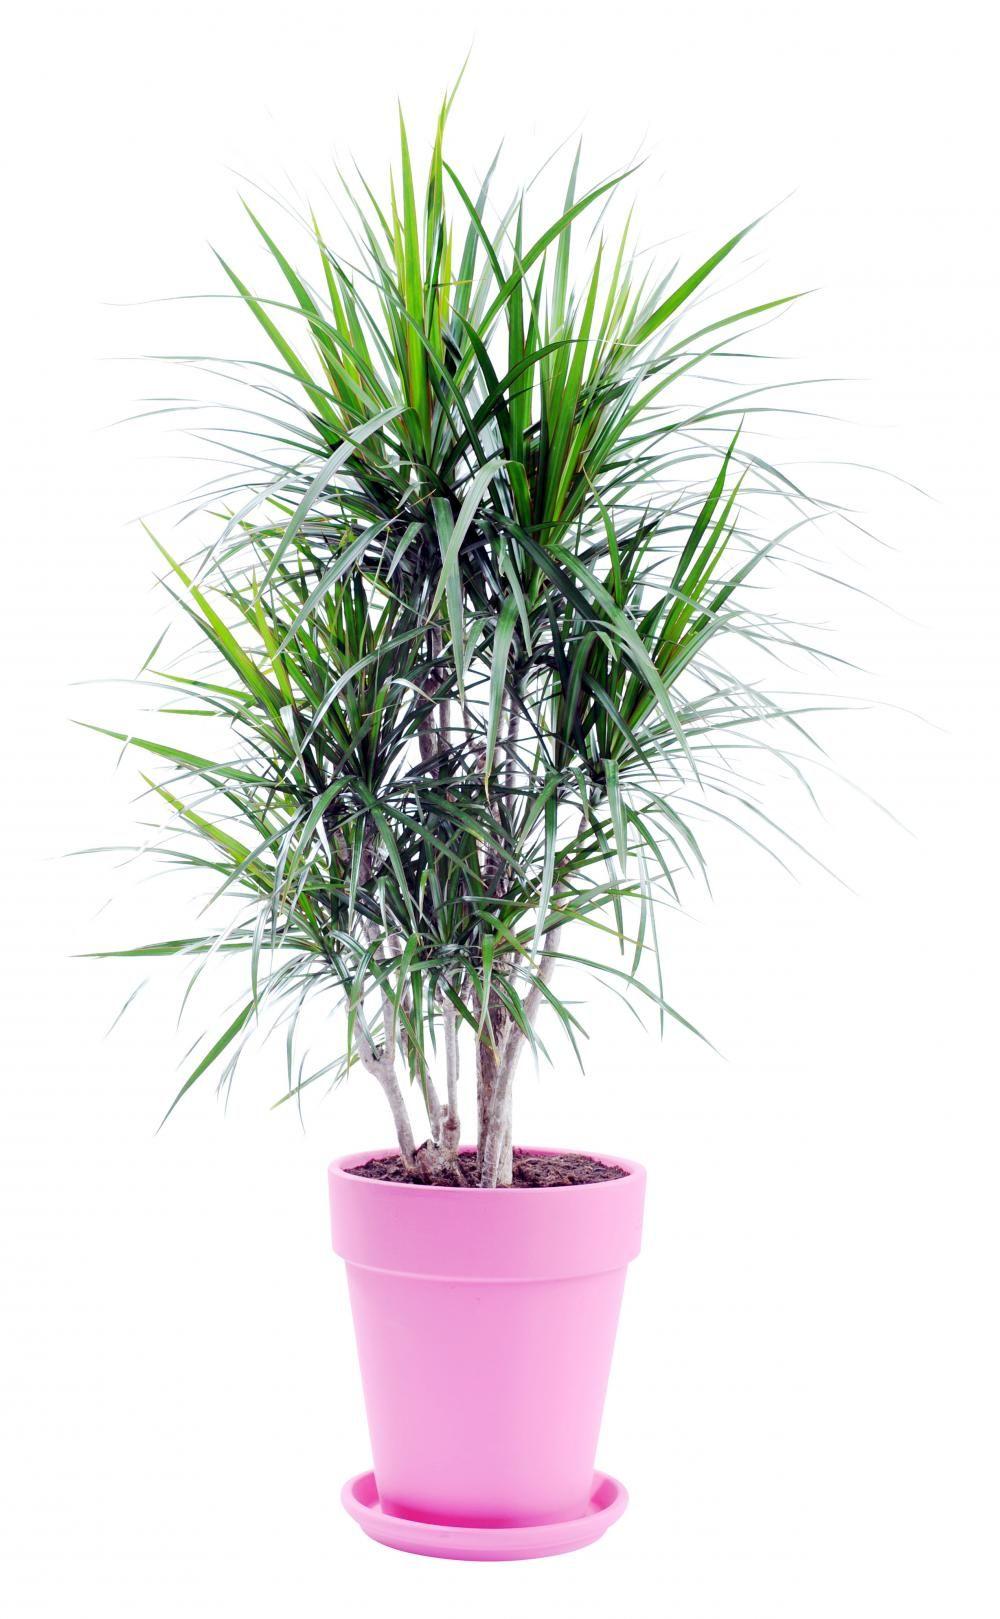 11 Zimmerpflanzen für dunkle Ecken | Drachenbaum, Einfarbig und Sinne